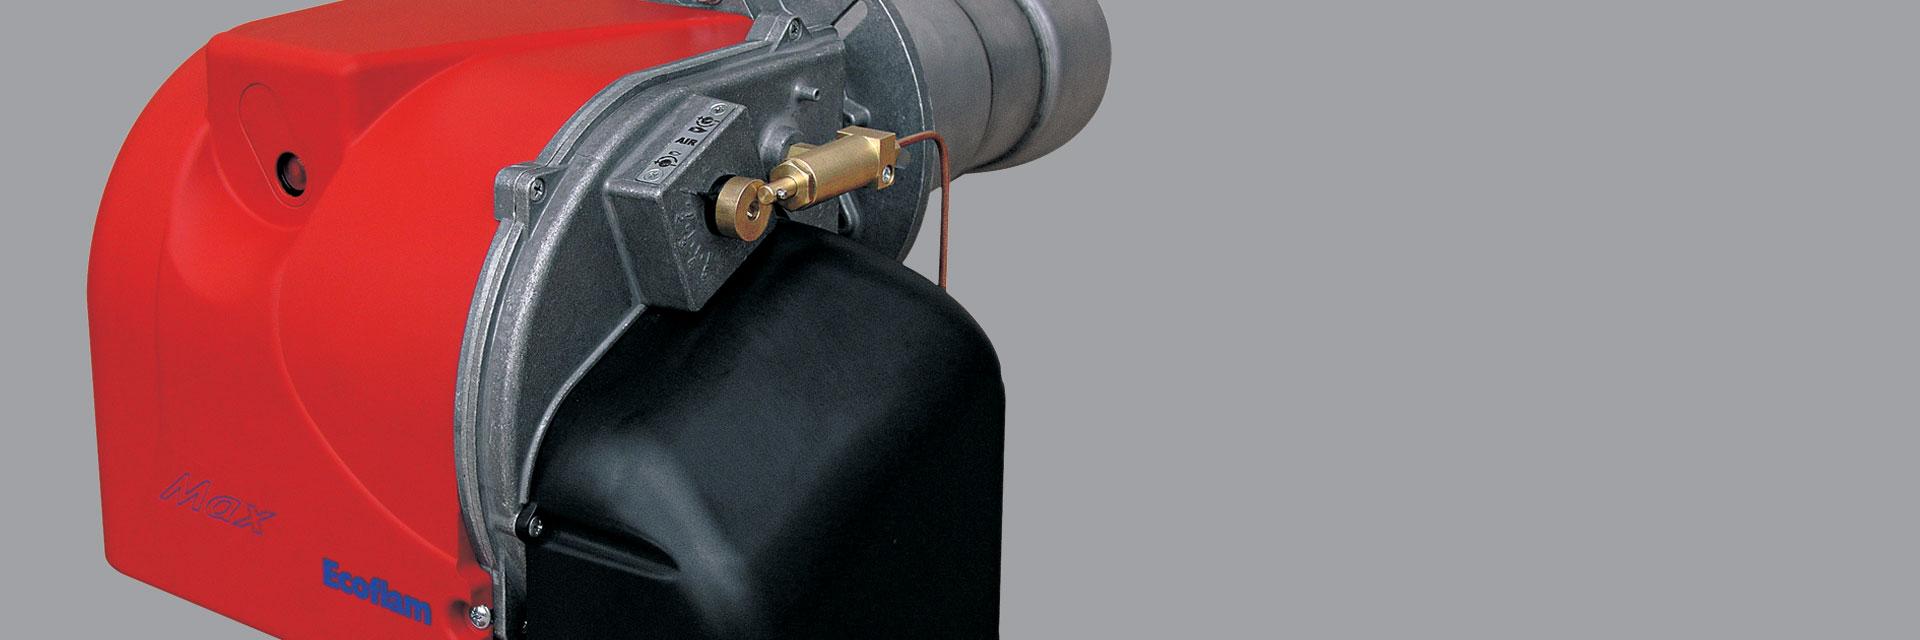 Max Burner Ecoflam Uk Oil Wiring Diagram